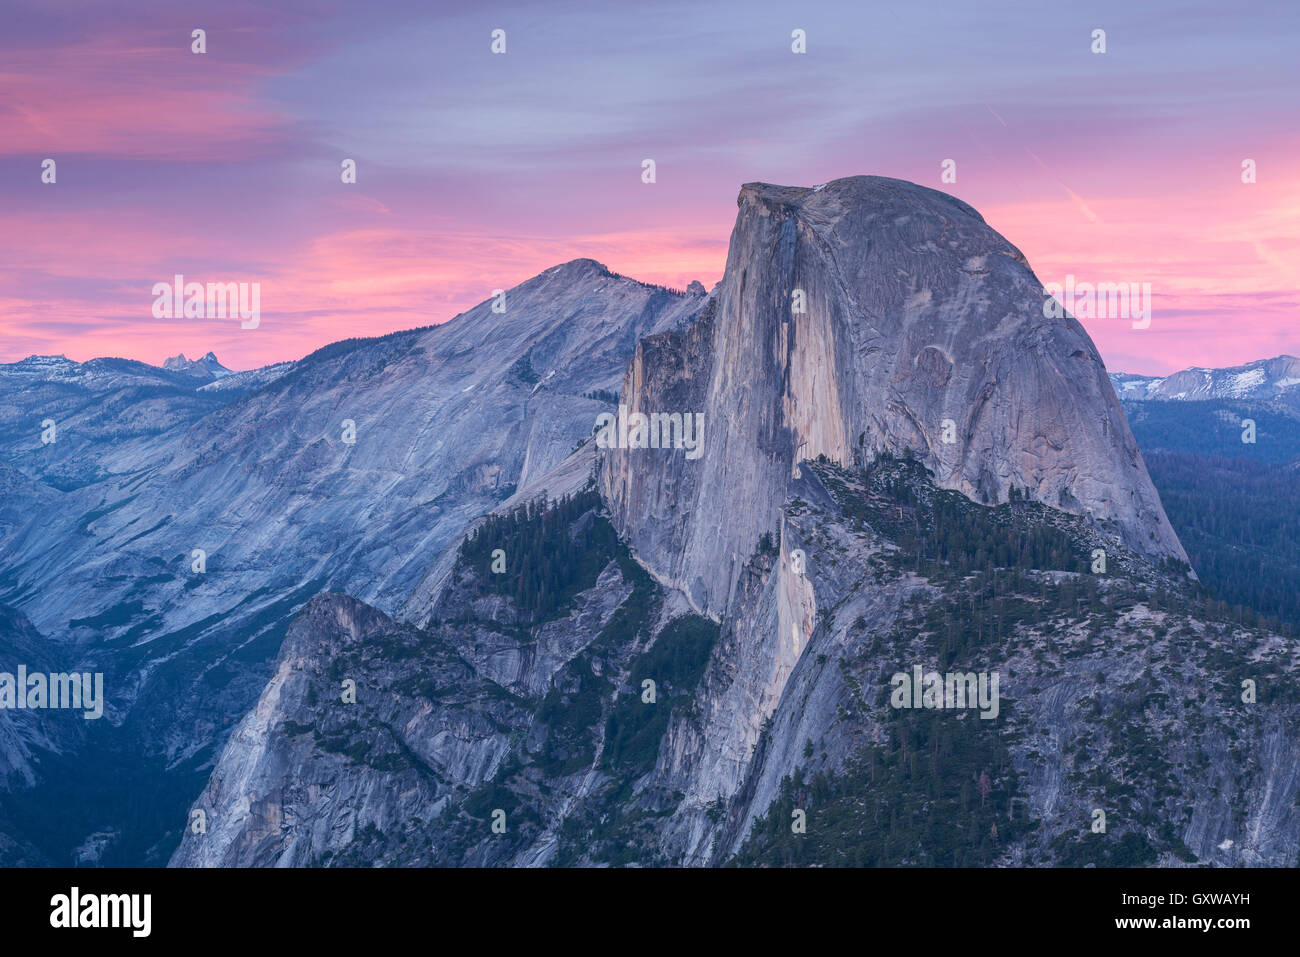 Demi Dôme au coucher du soleil de Glacier Point, Yosemite National Park, California, USA. Printemps (juin) Photo Stock